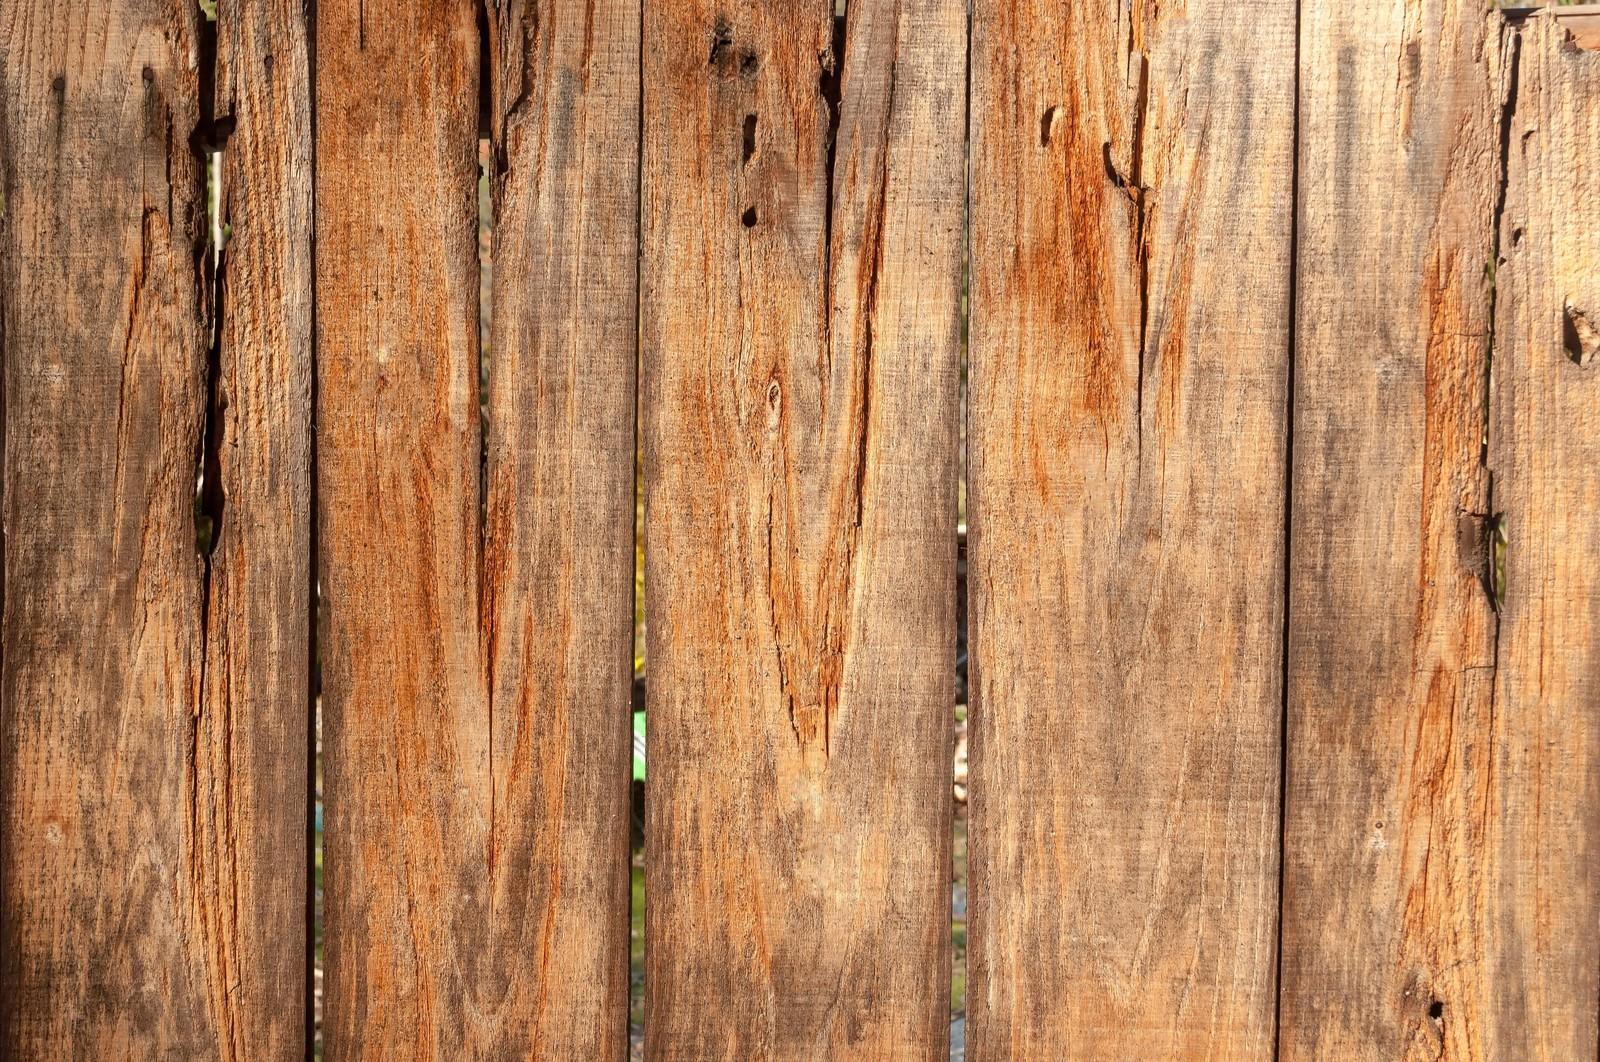 災害廃棄物処理について②- 木くず処理